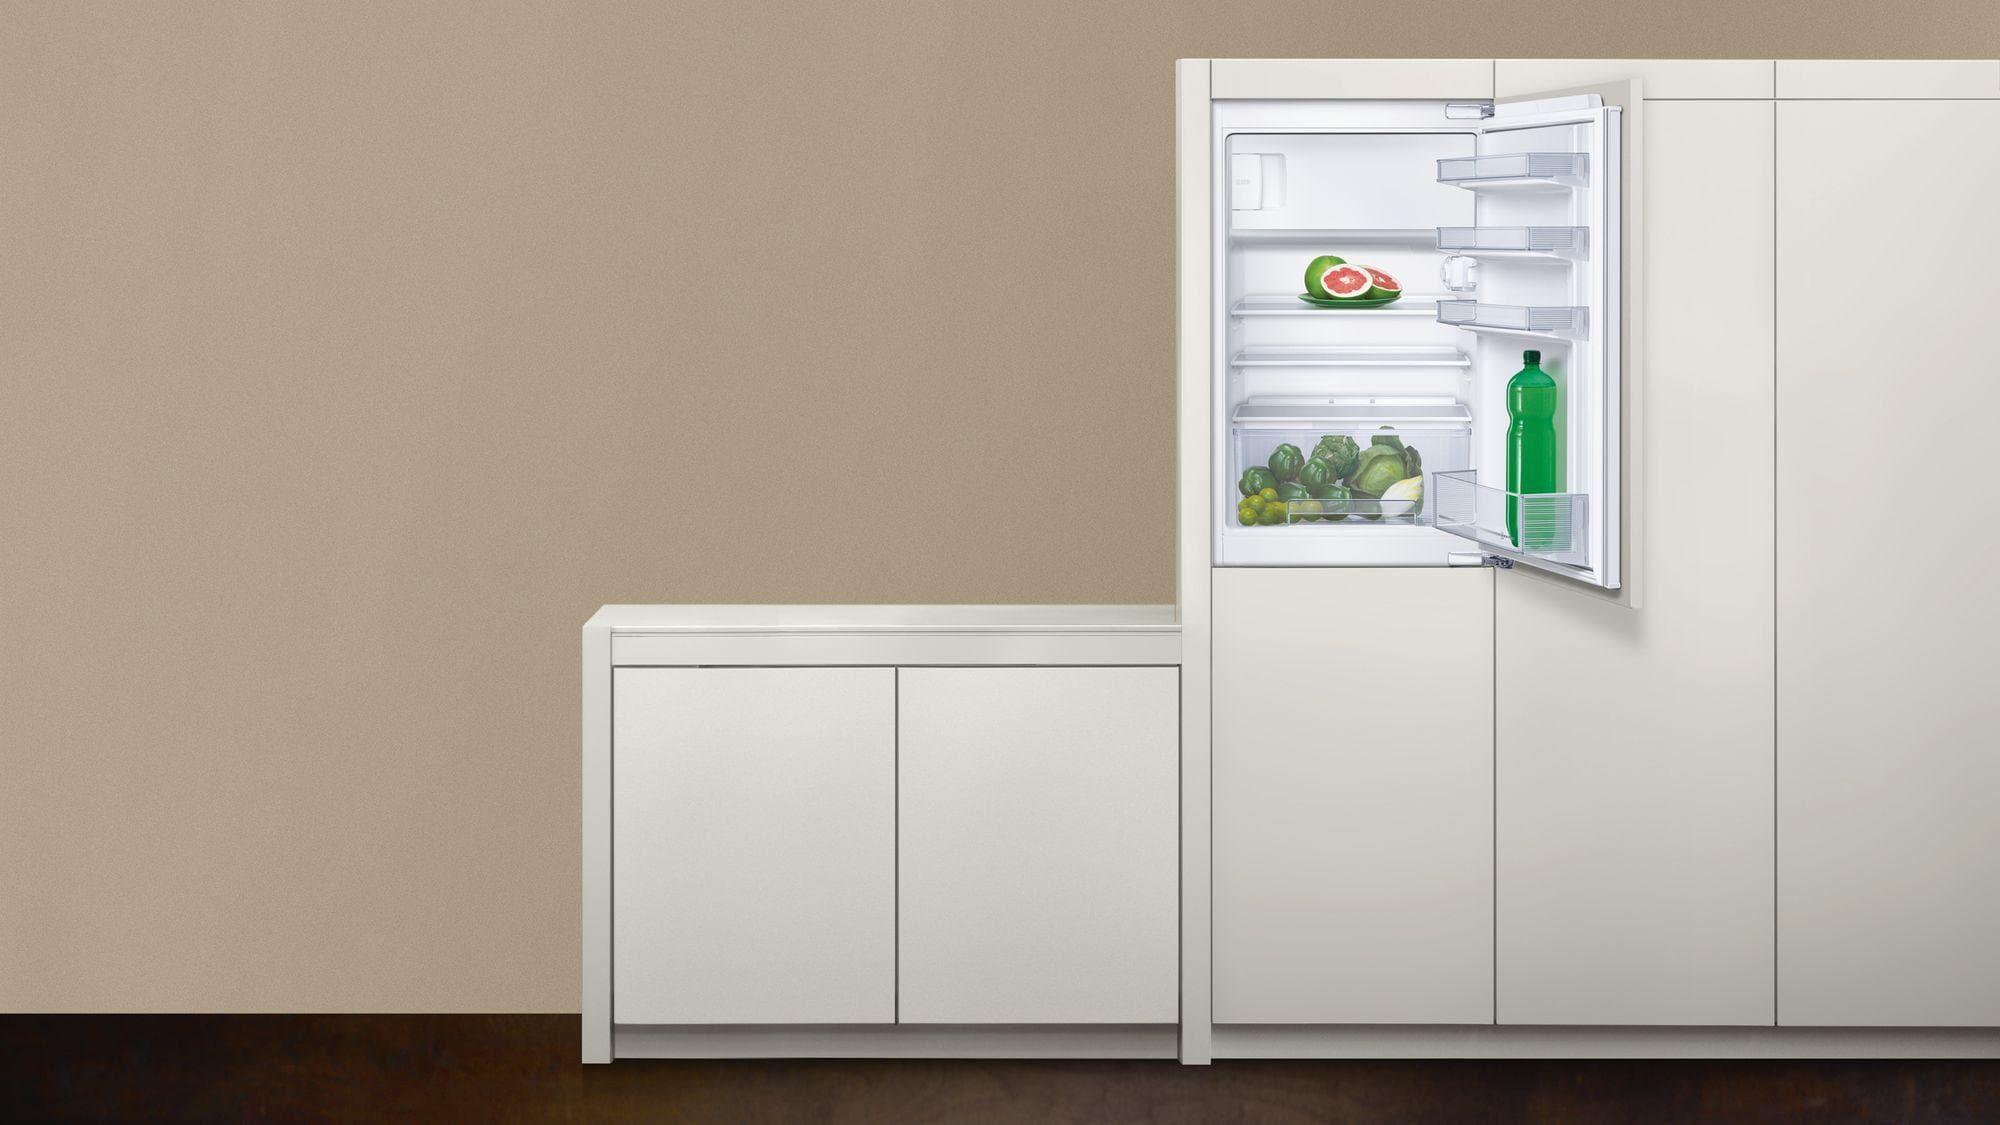 Neff K 225 A2 A++ Integrierbarer Kühlschrank, 54,1 cm breit ...